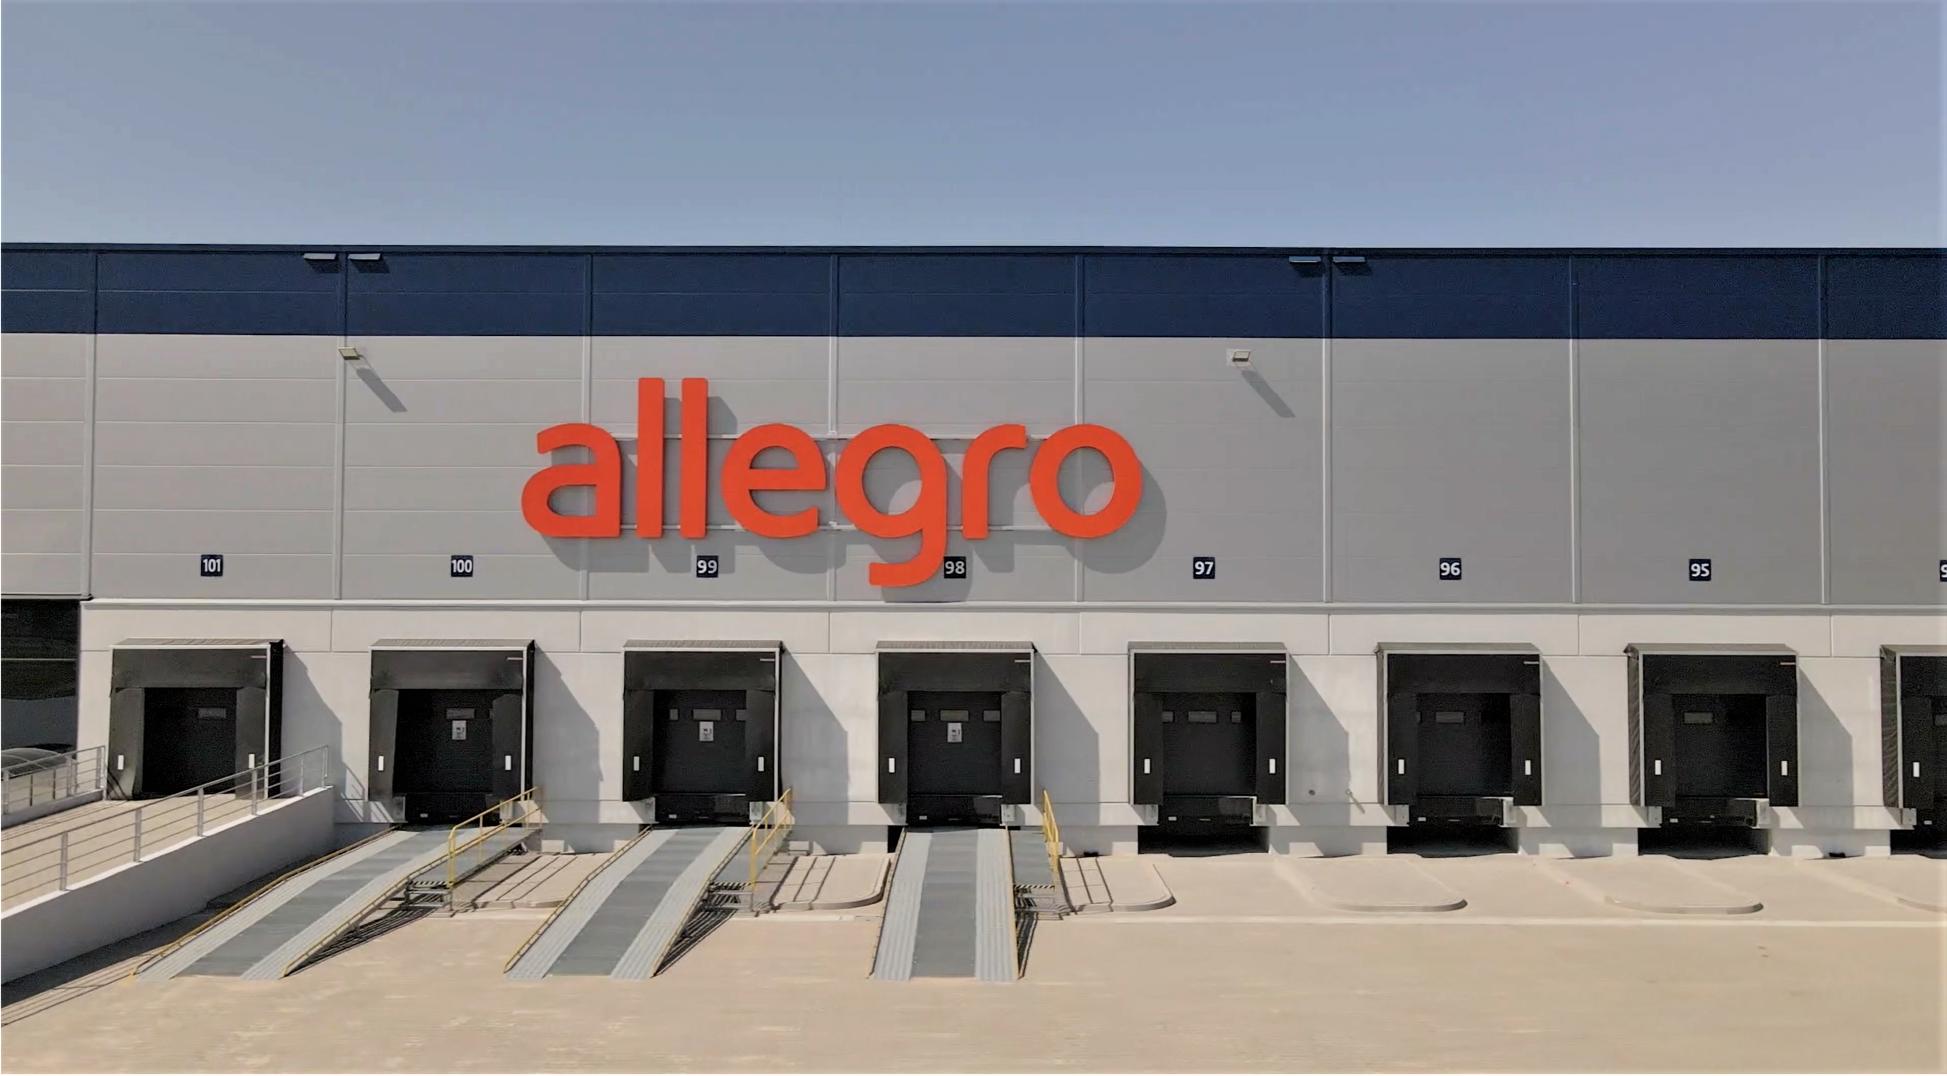 Allegro startuje z usługą logistyczną. Efektem ma być wyraźne skrócenie czasu dostawy